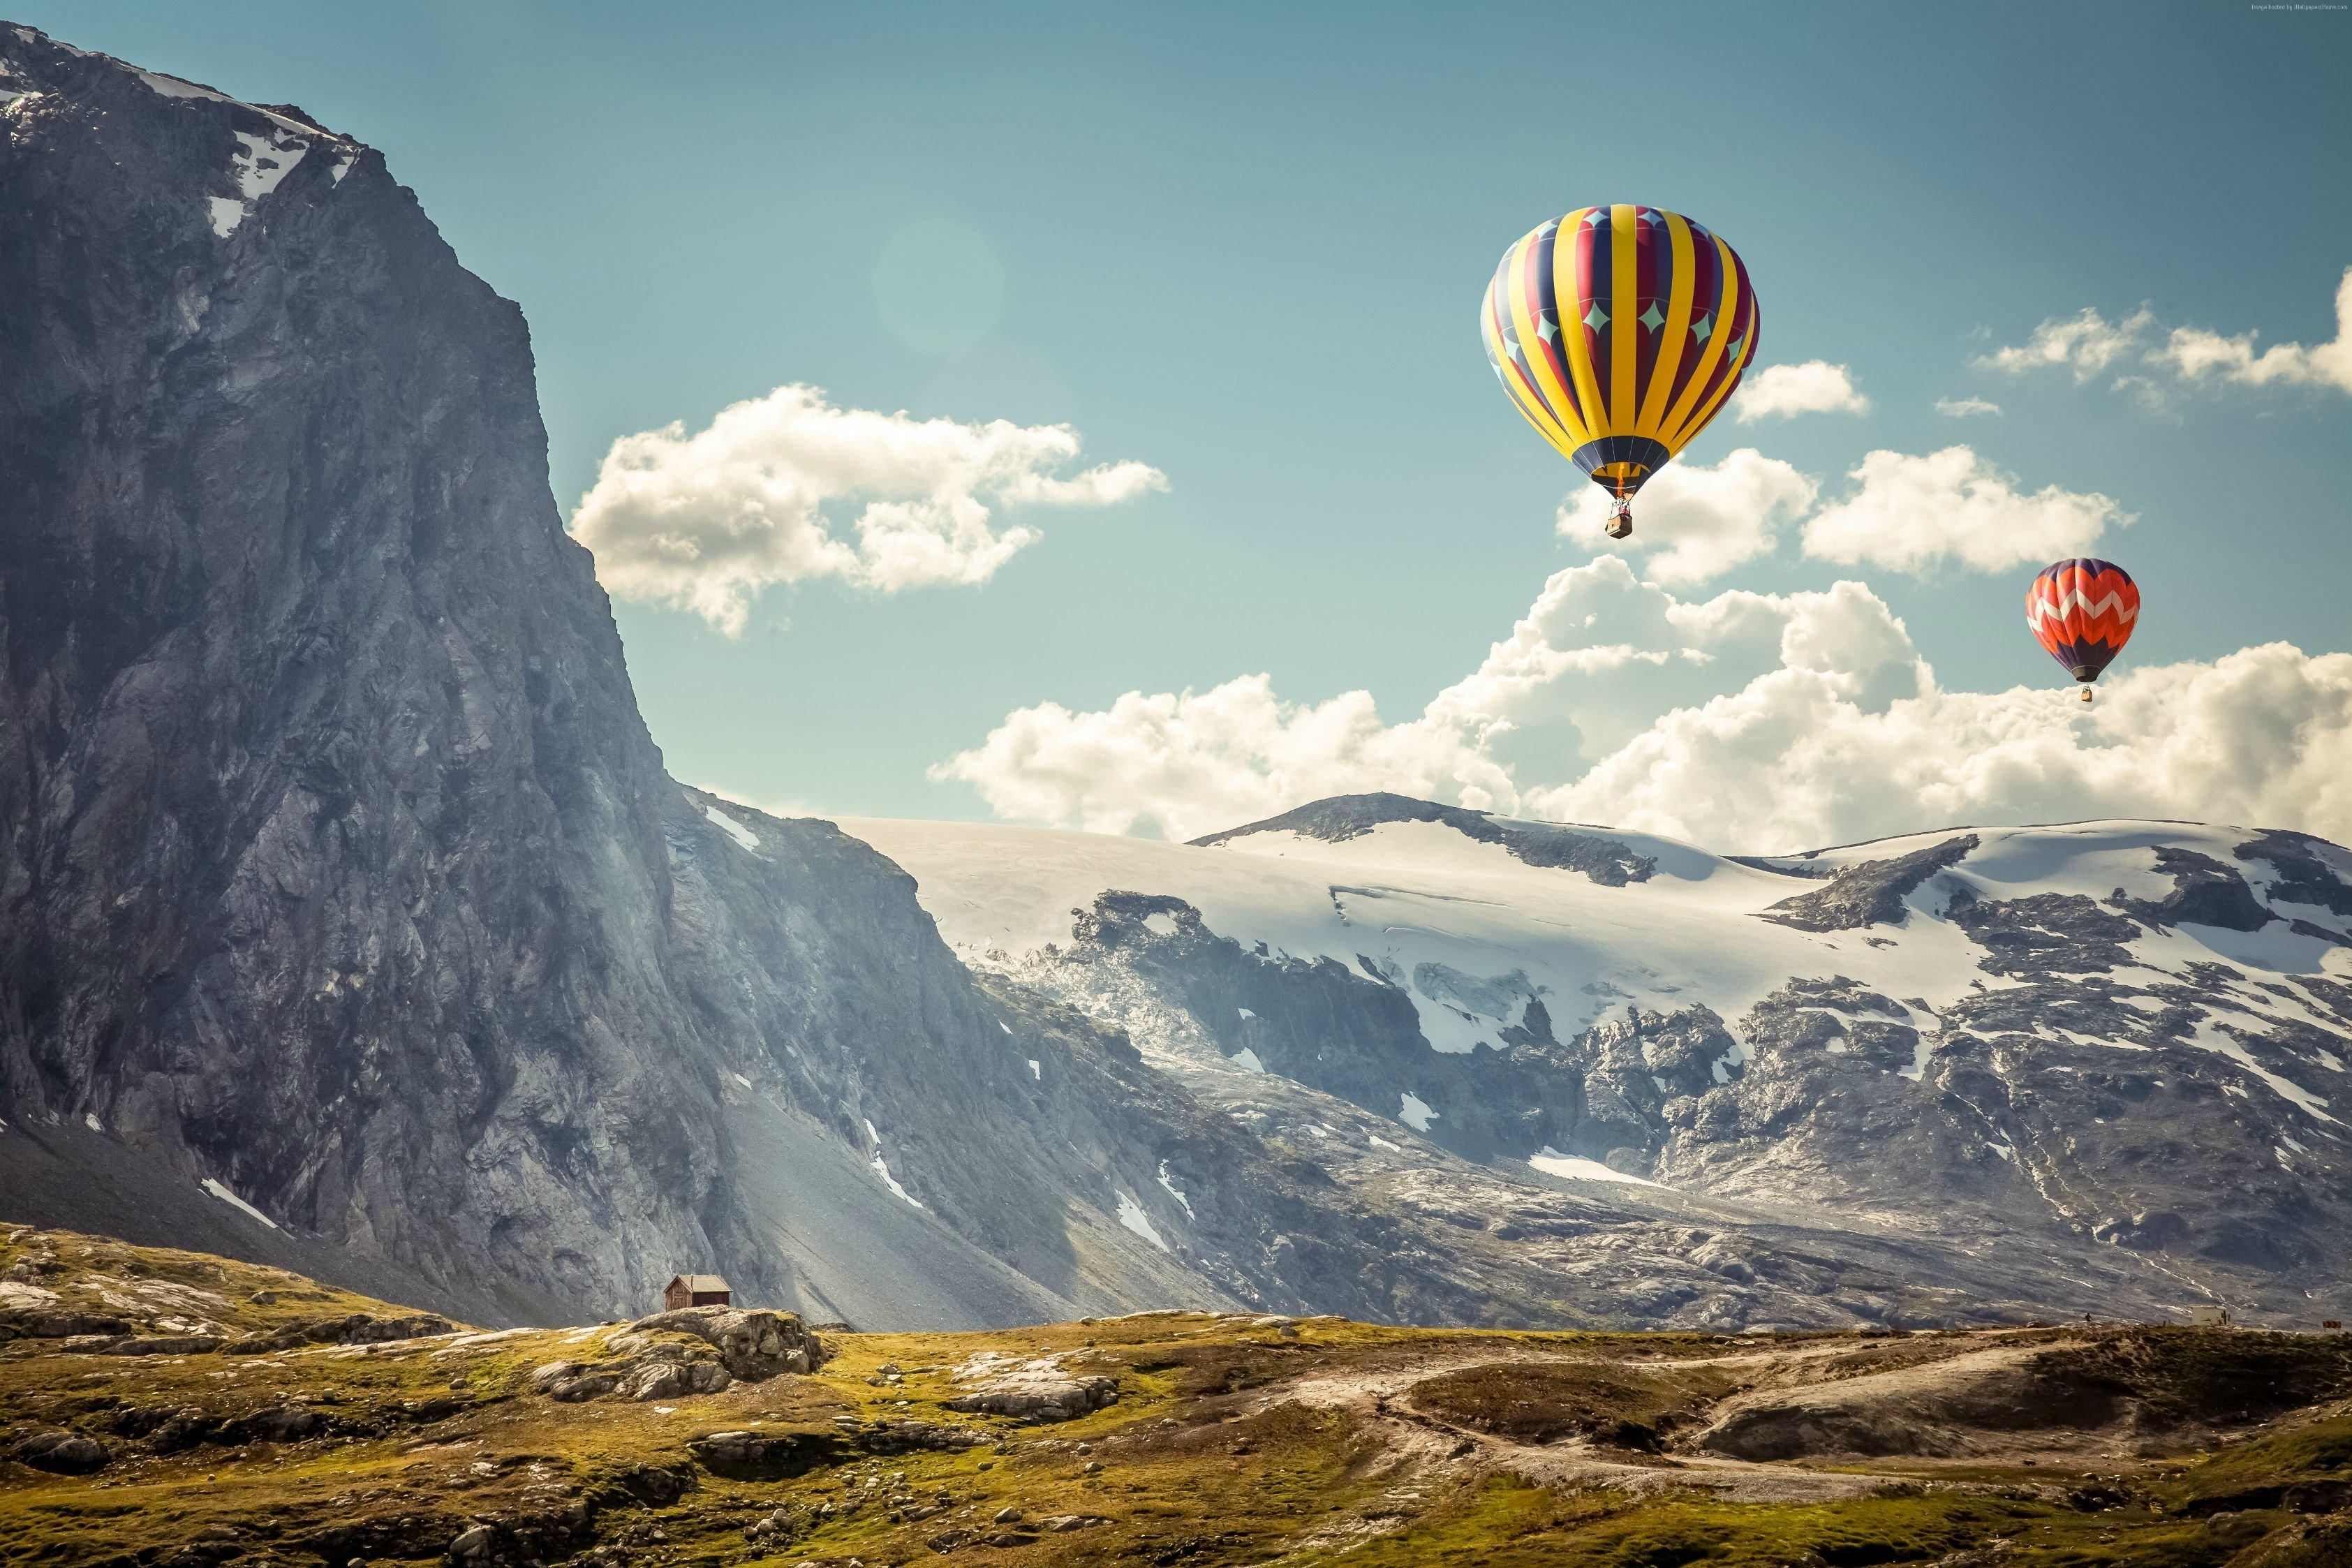 2017/2018 البالونات الهوائية balloons-in-the-moun